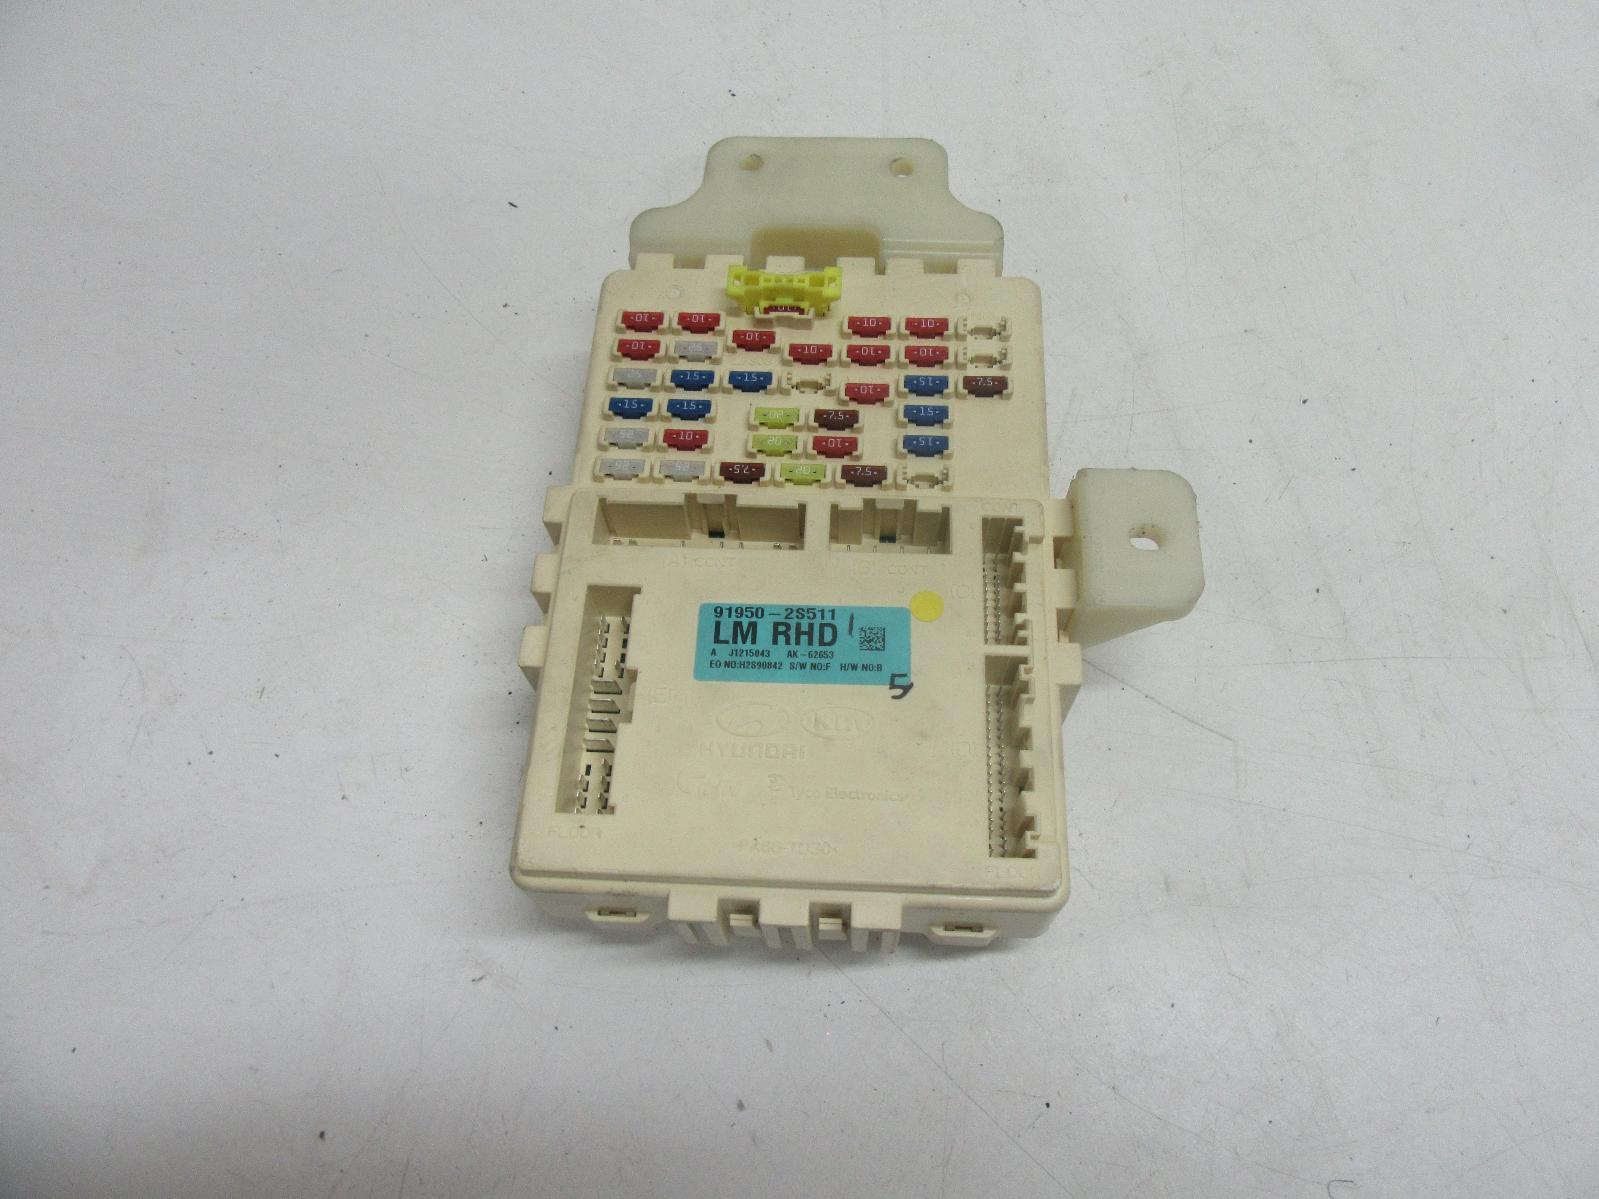 hyundai ix35 fuse box    hyundai ix35 fuse box    under dash  lm  02 10 10 11 12 13     hyundai ix35 fuse box    under dash  lm  02 10 10 11 12 13